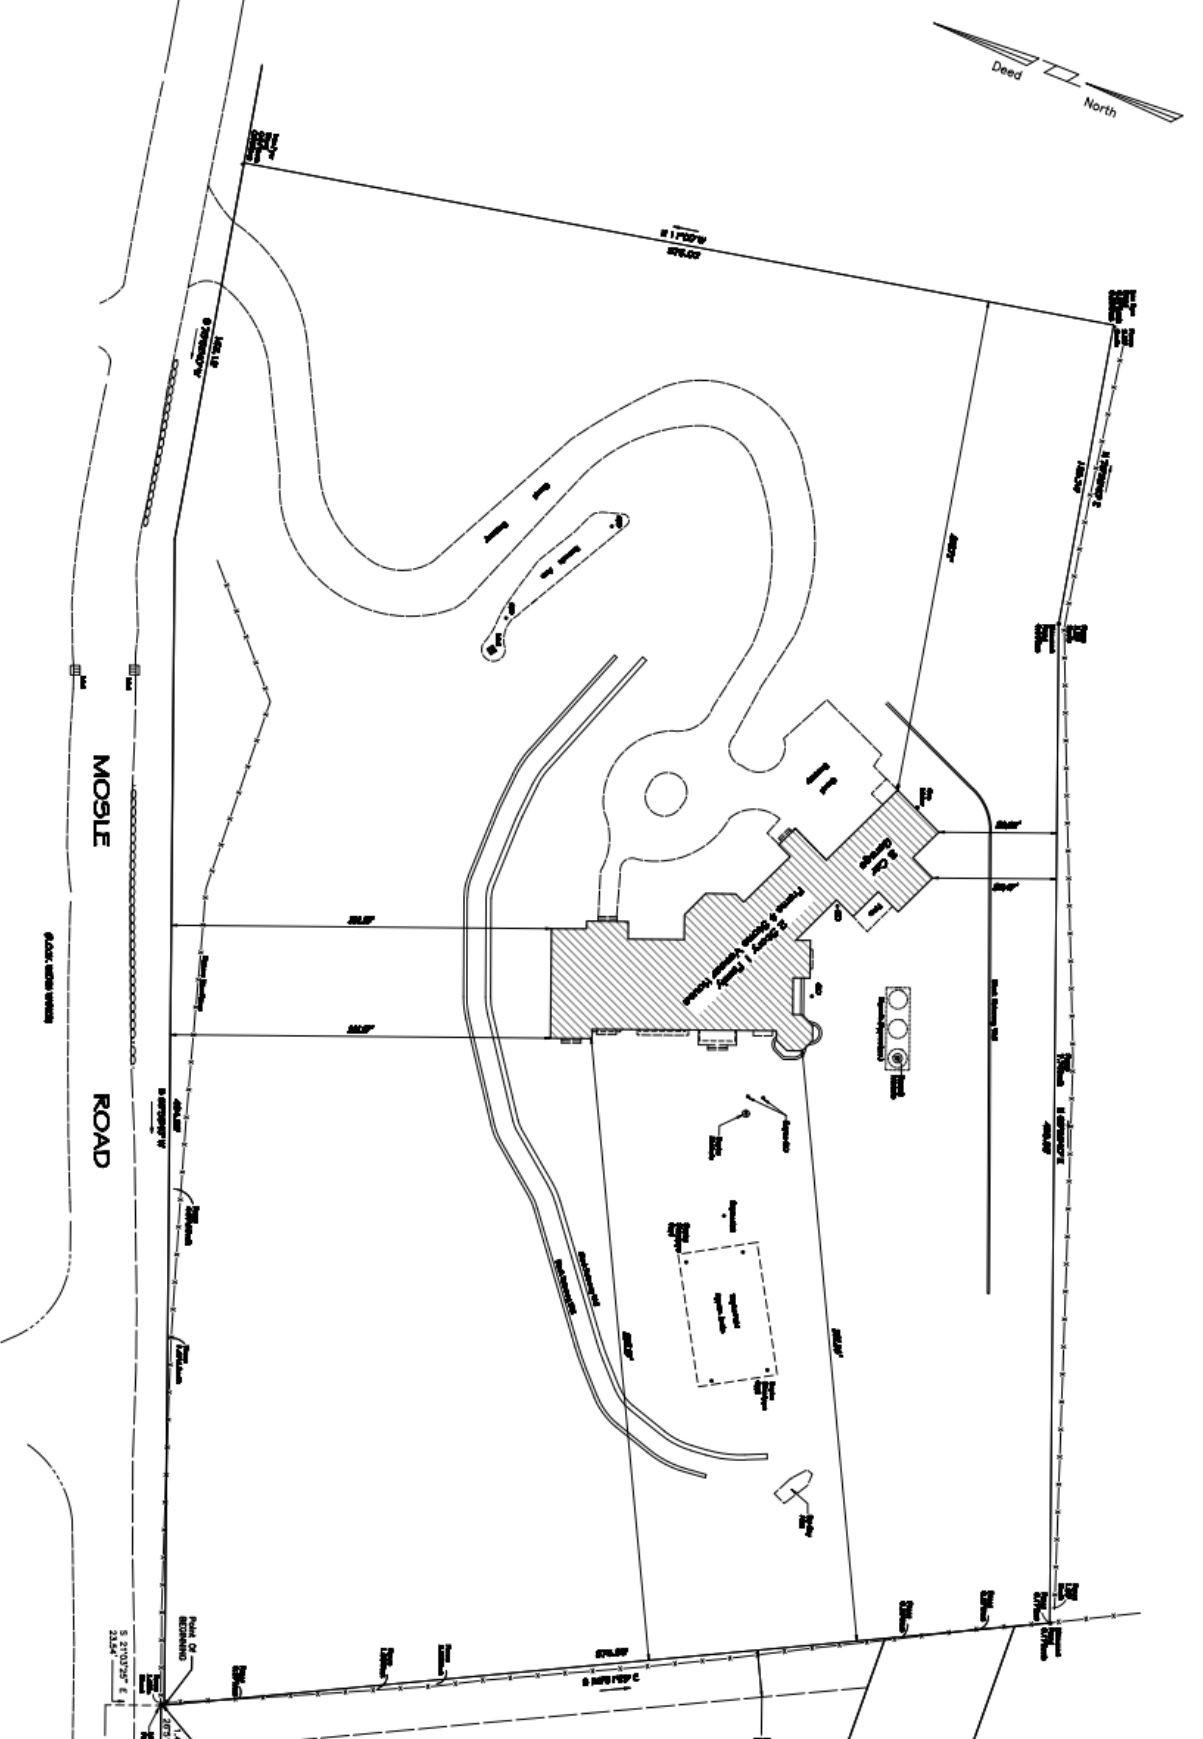 60 Mosle Road - Survey